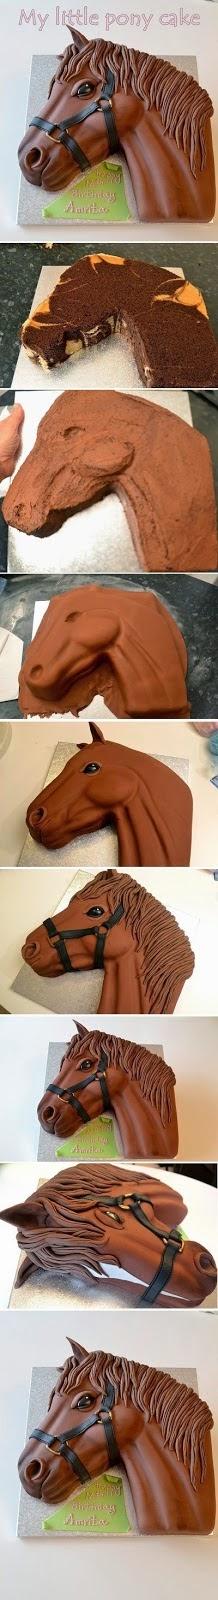 como fazer bolo cavalo sitio pasta americana